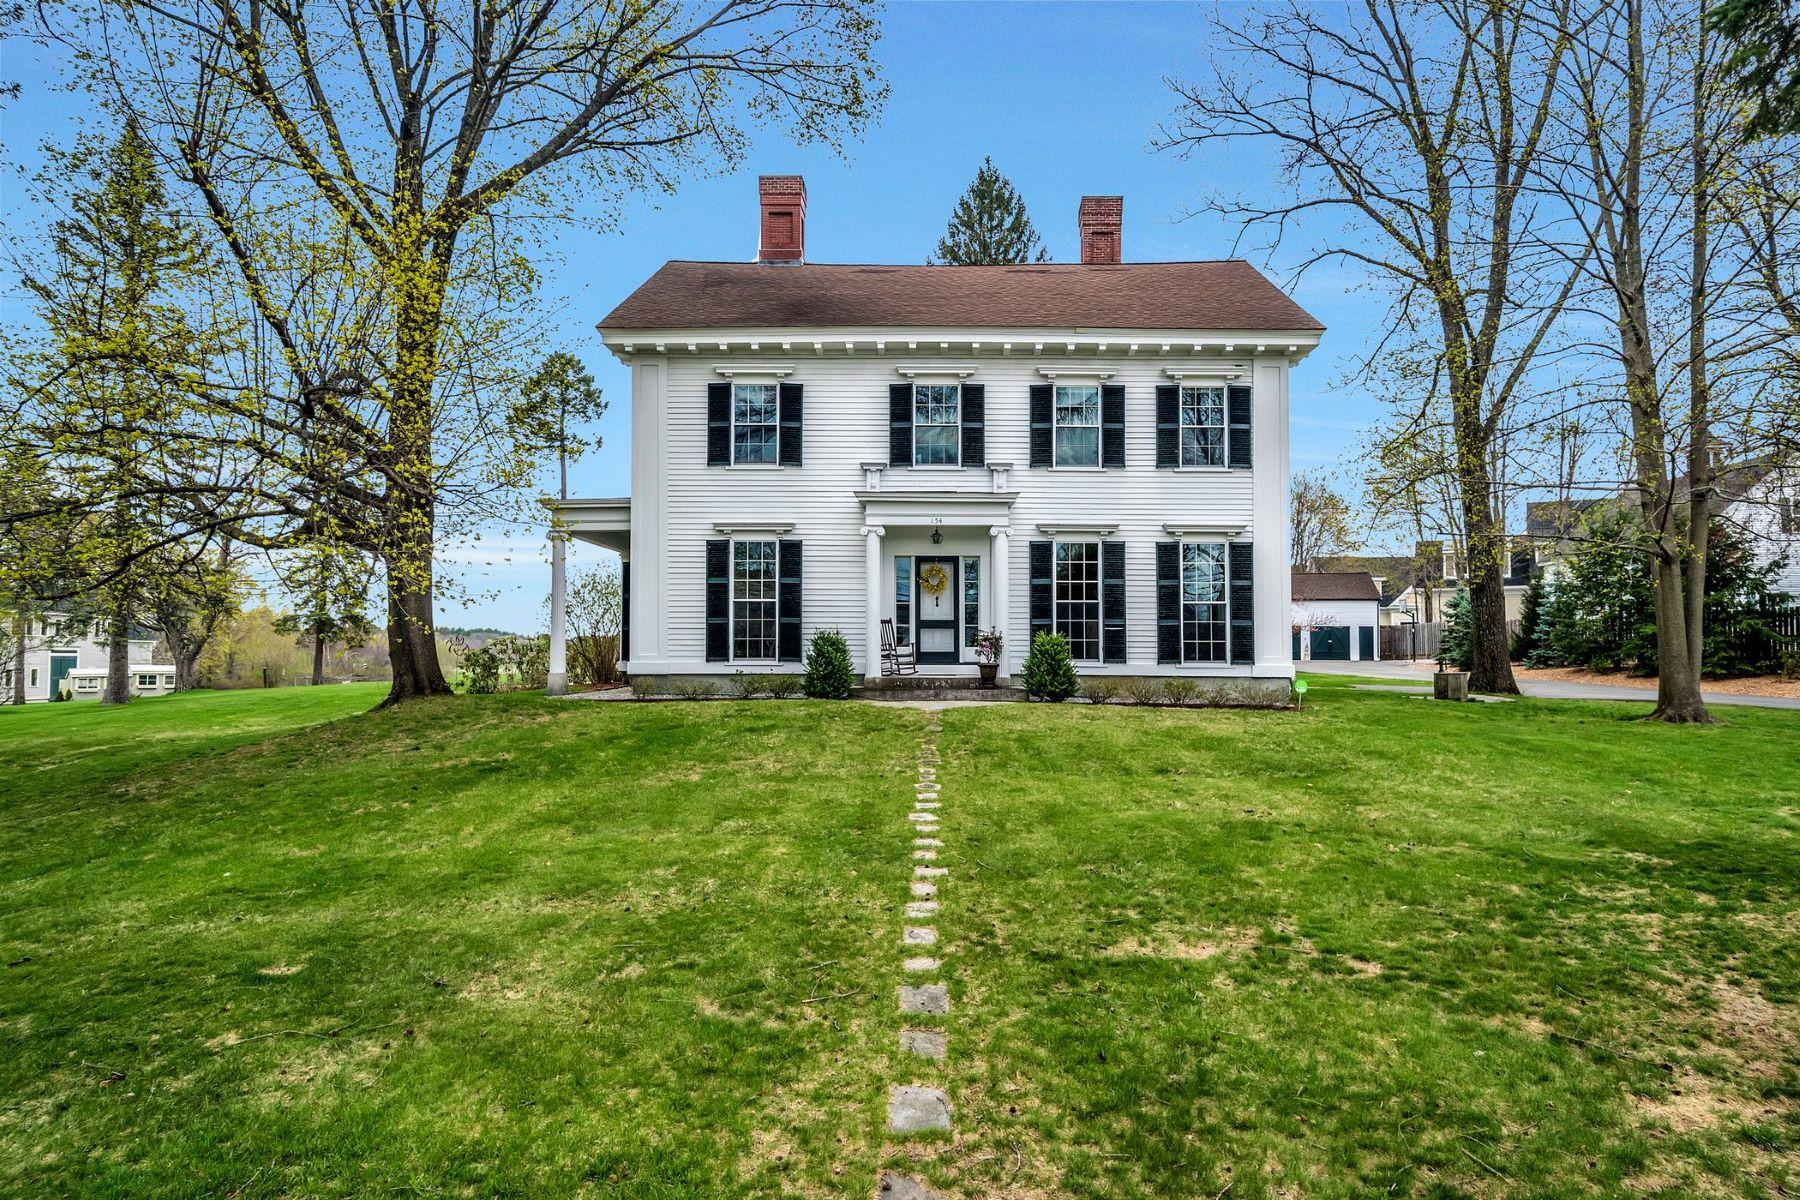 Maison unifamiliale pour l Vente à Lovely Antique in Groton Center 154 Main Street Groton, Massachusetts 01450 États-Unis